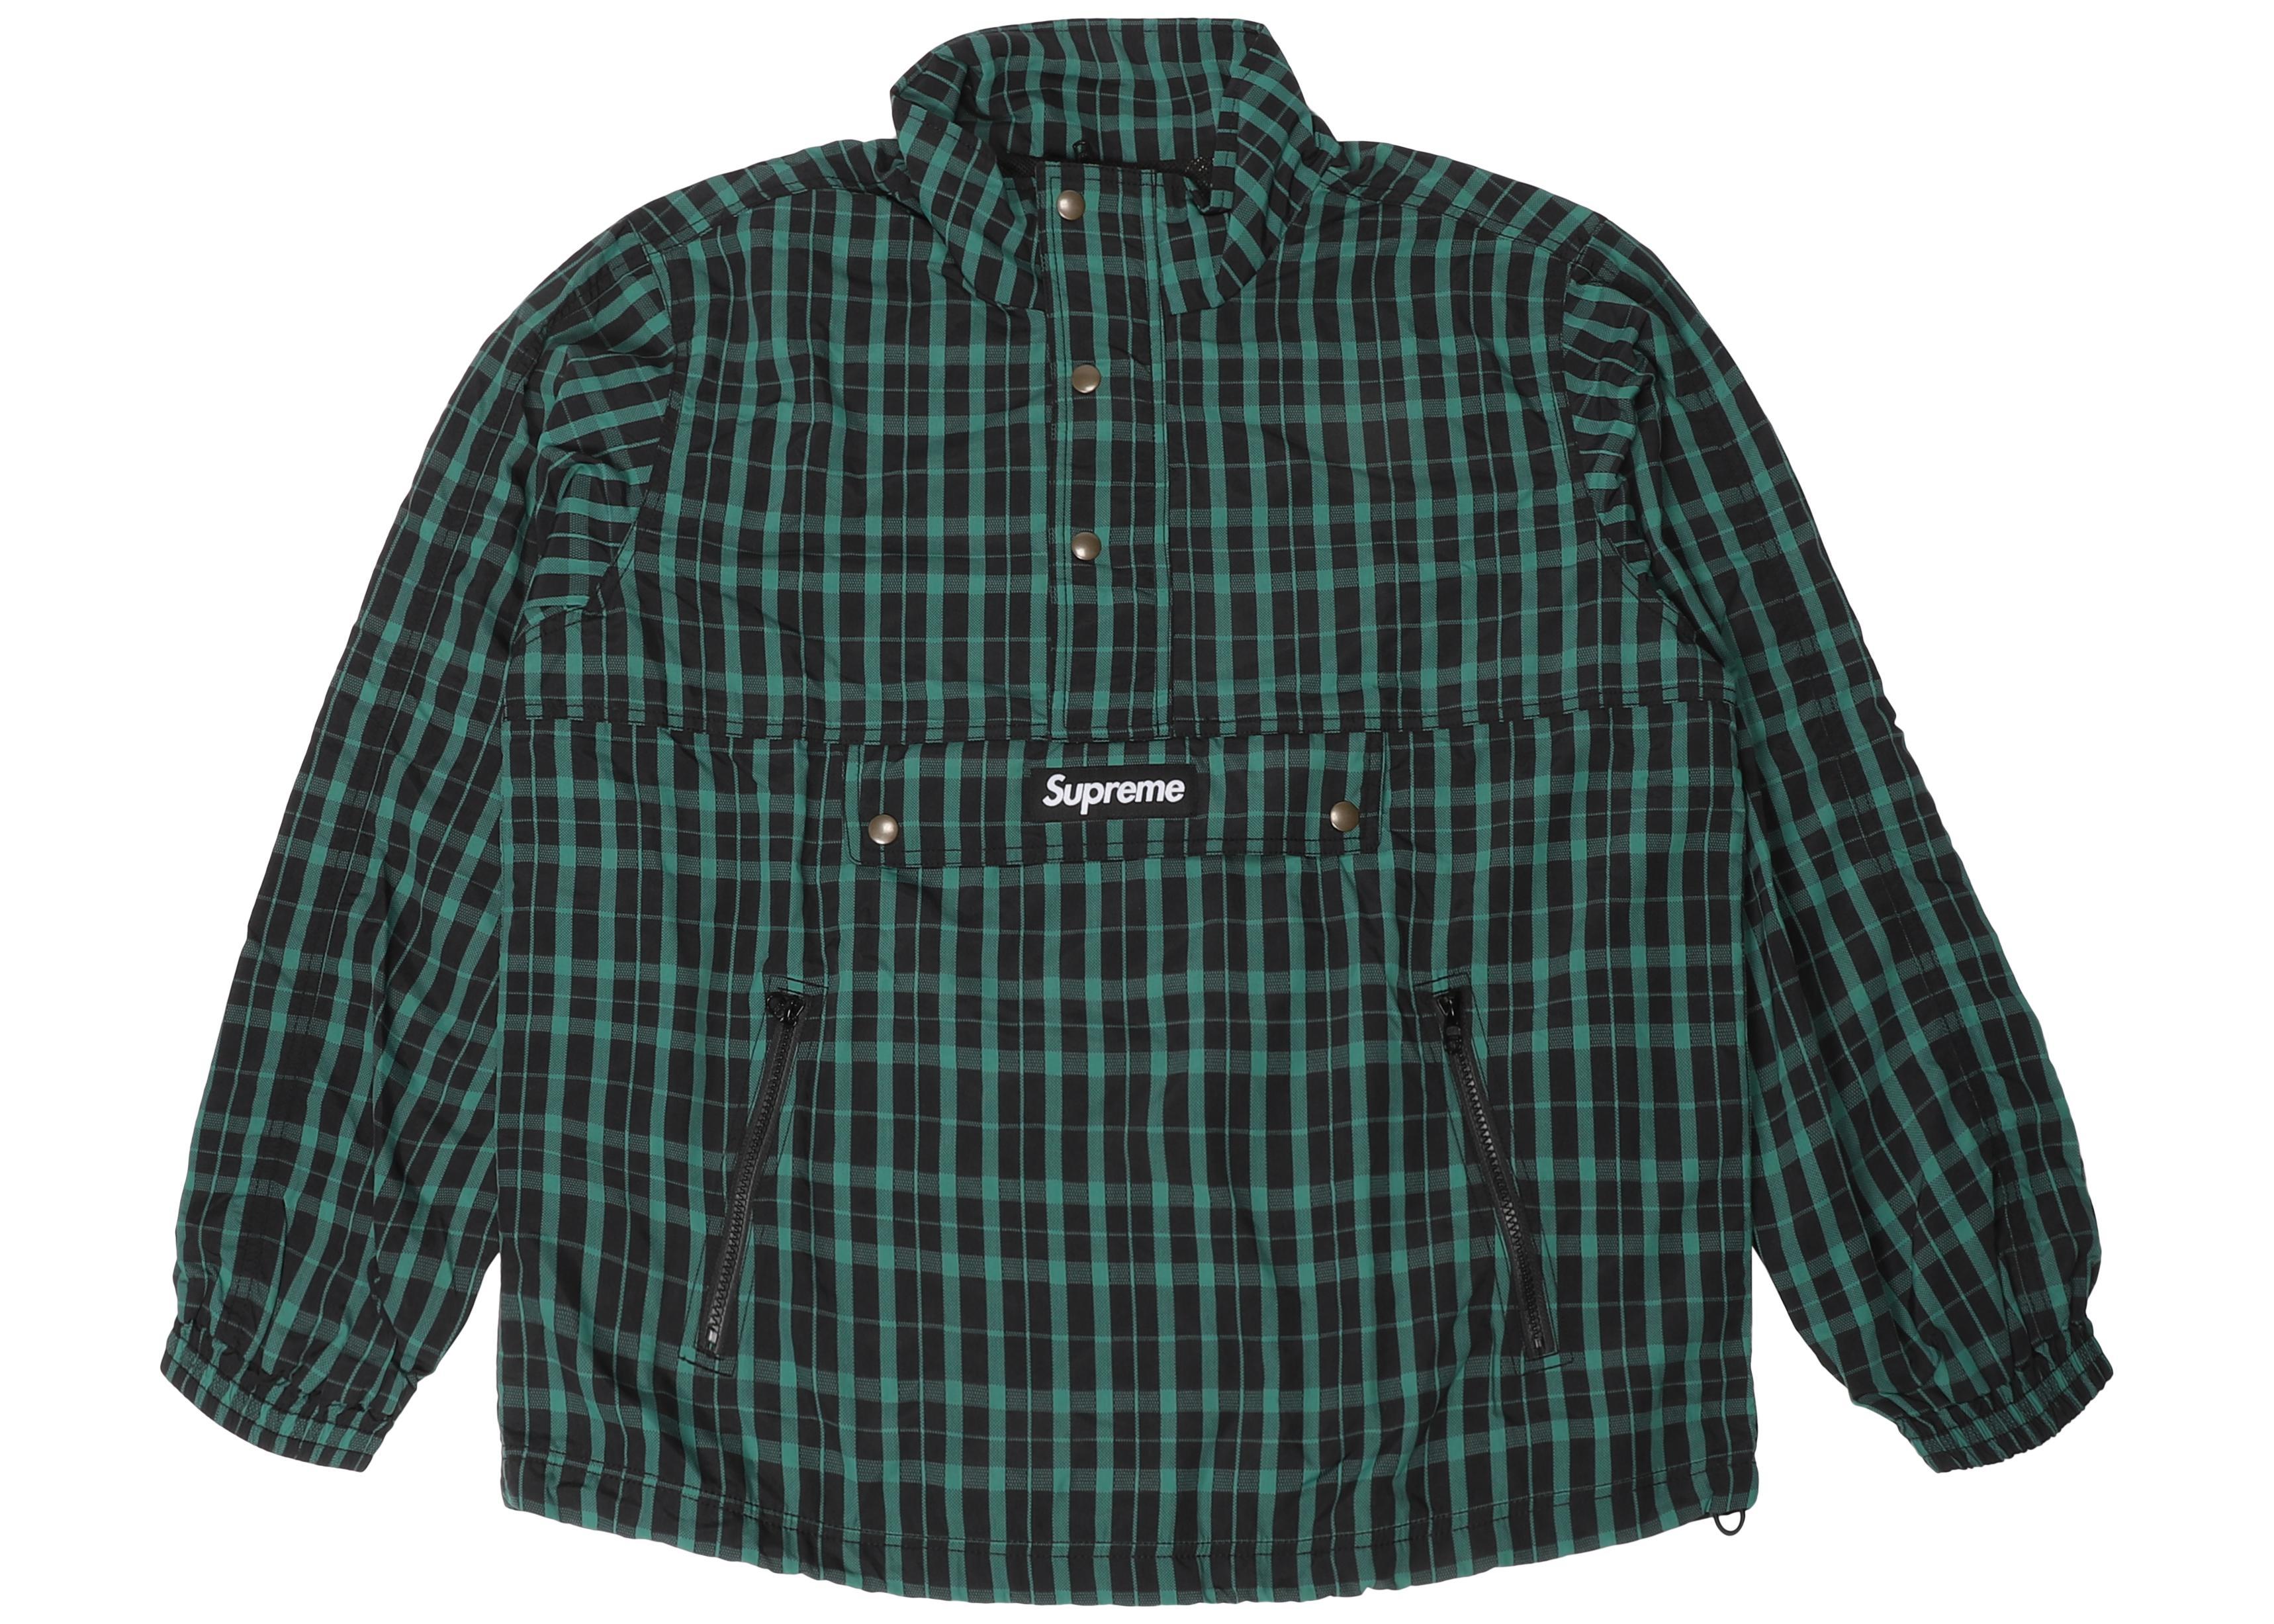 65f61e70e Lyst - Supreme Nylon Plaid Pullover Green in Green for Men - Save 54%